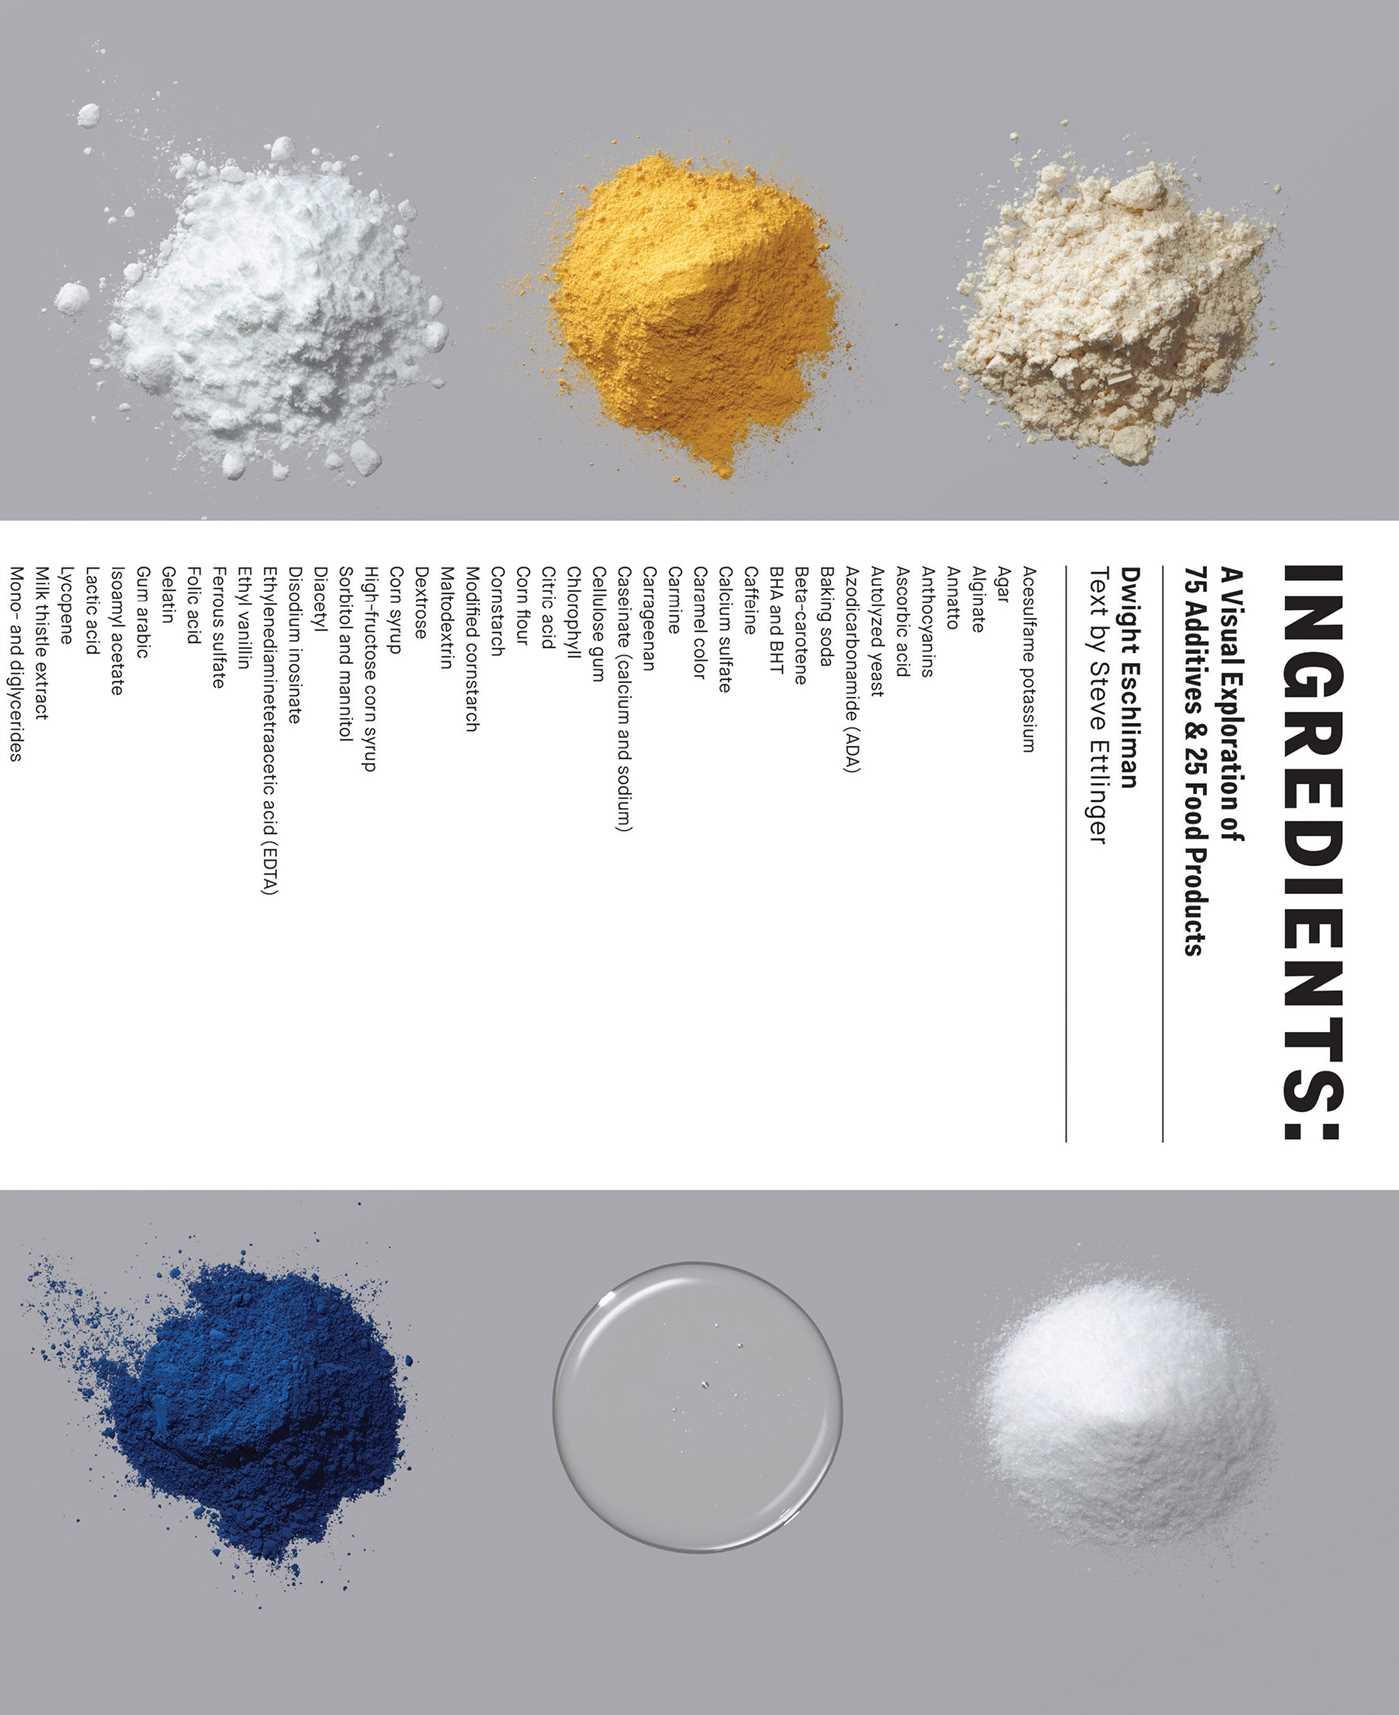 Ingredients 9781941393314 hr